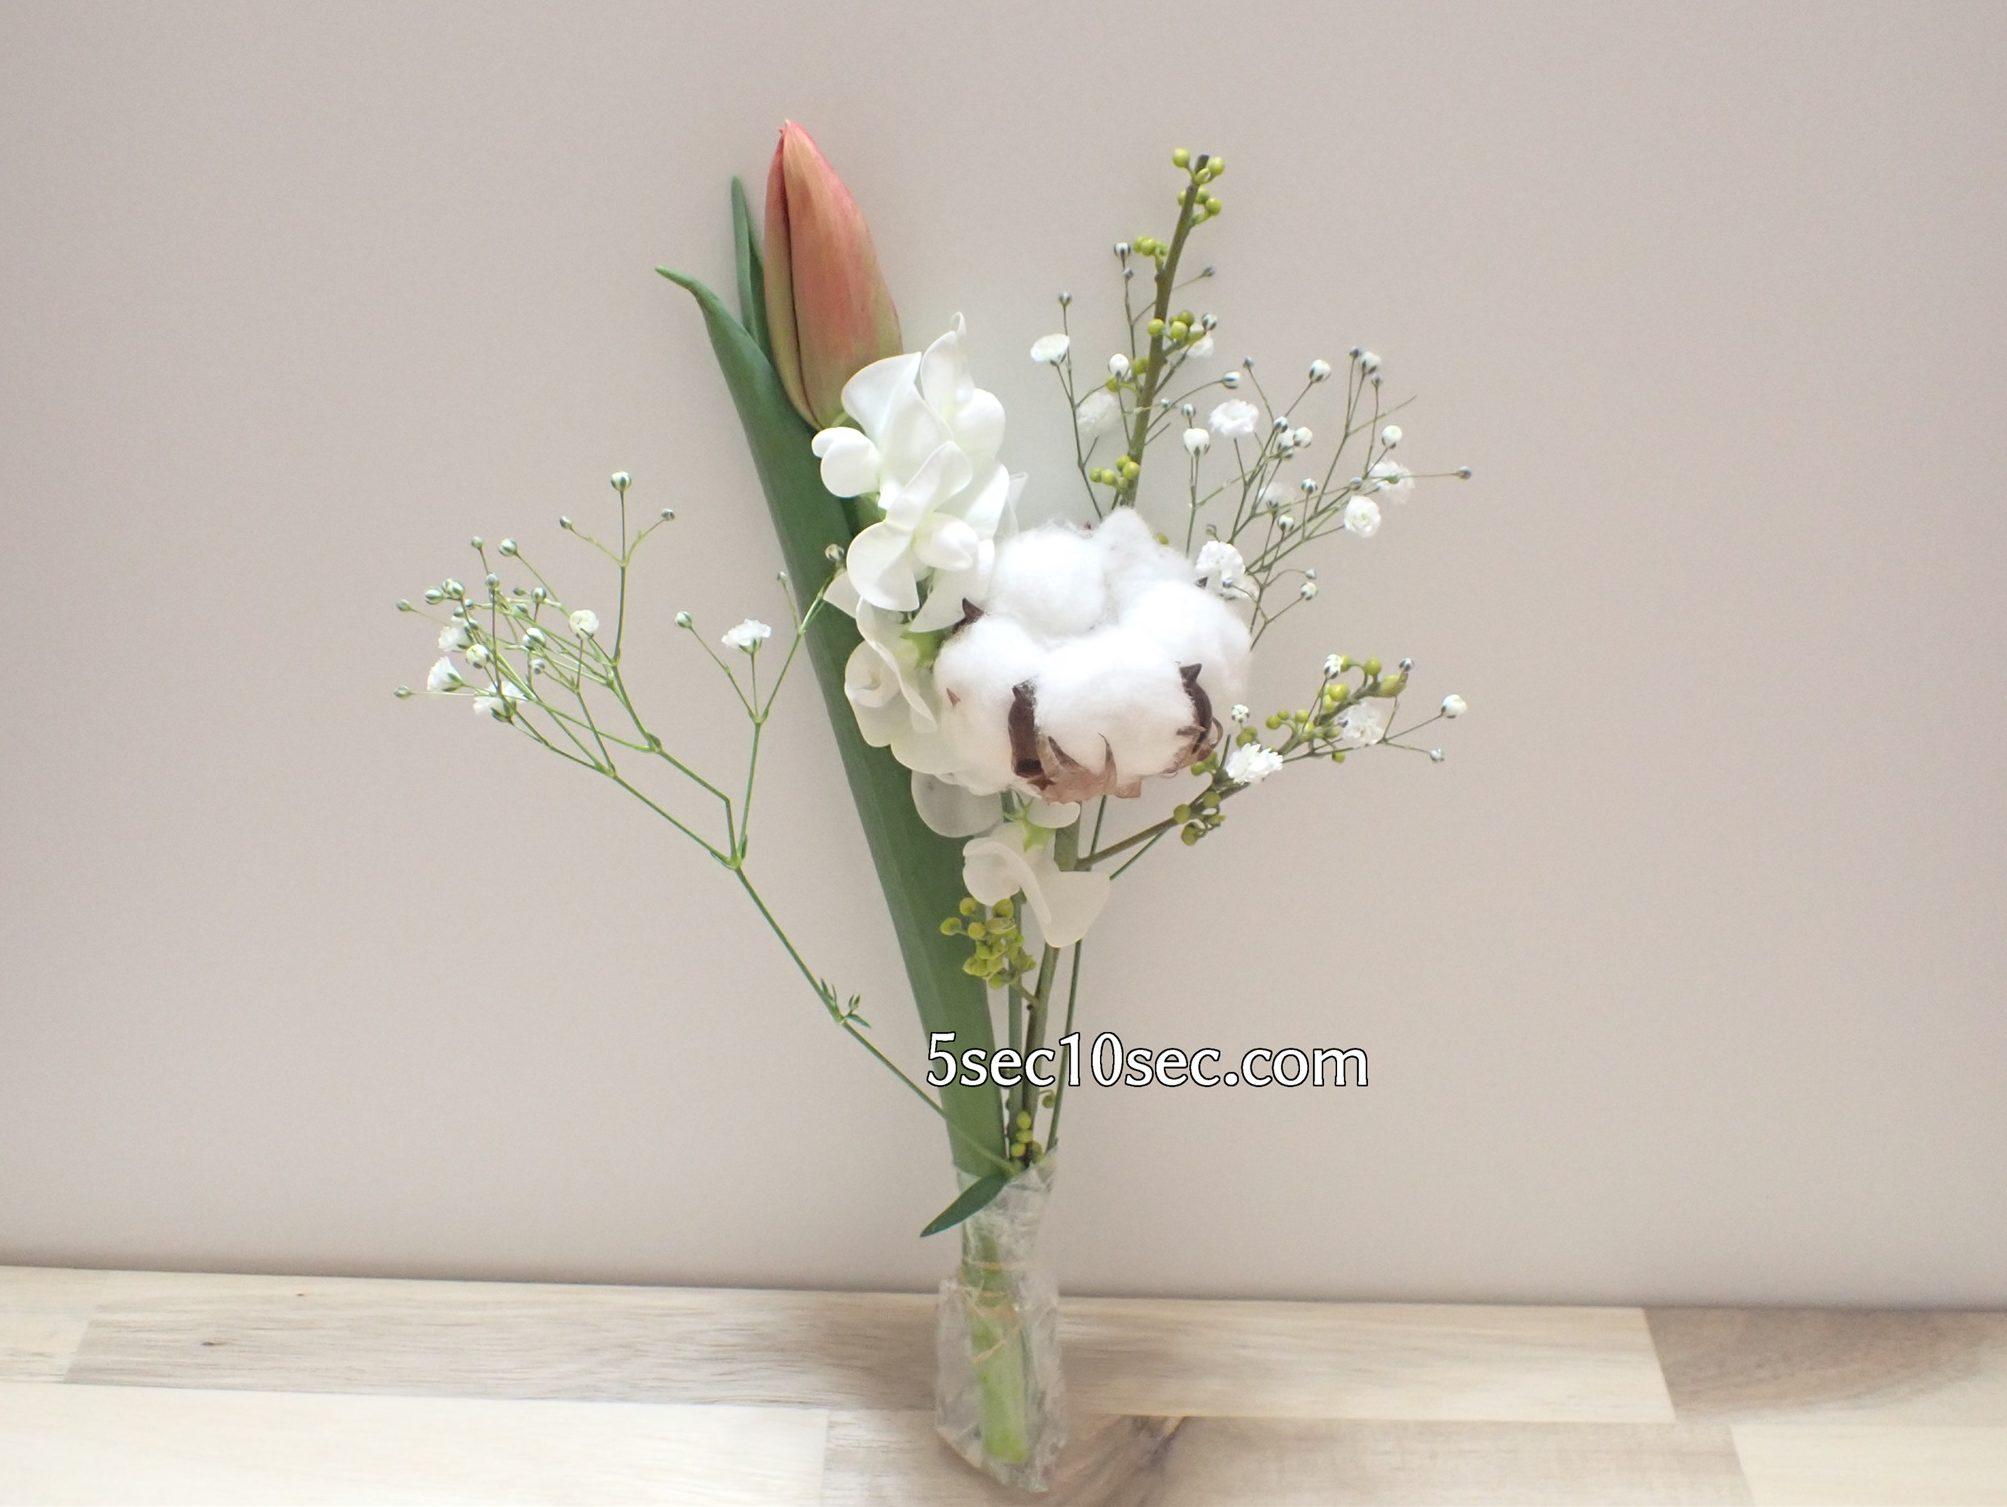 株式会社Crunch Style お花の定期便 Bloomee LIFE ブルーミーライフ 花束の茎は保水剤に守られて届きました